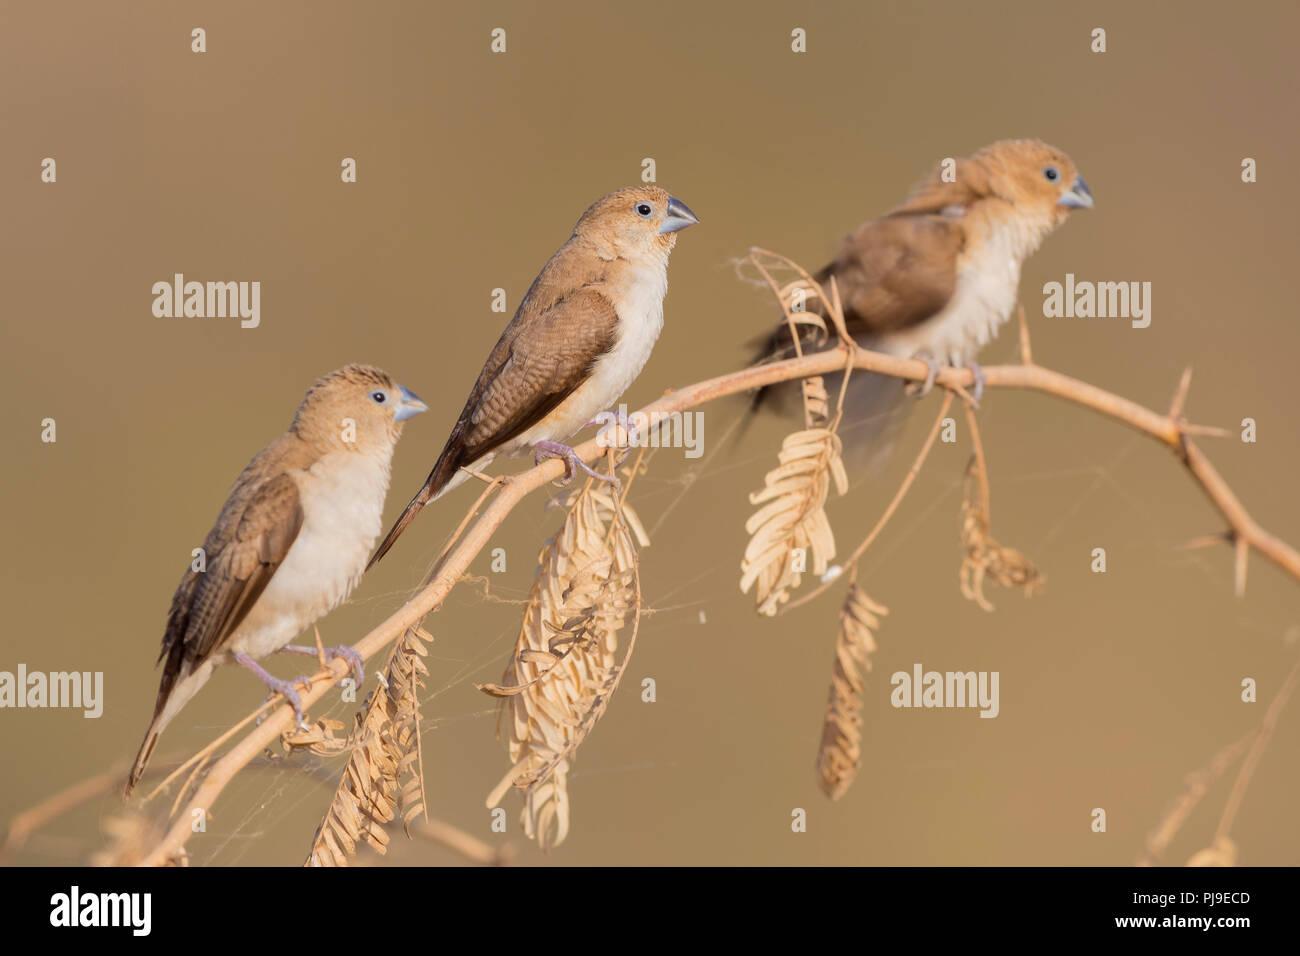 Afrikanische Silverbill (Euodice cantans bezeichnet), kleine Herde auf einem Ast sitzend Stockbild